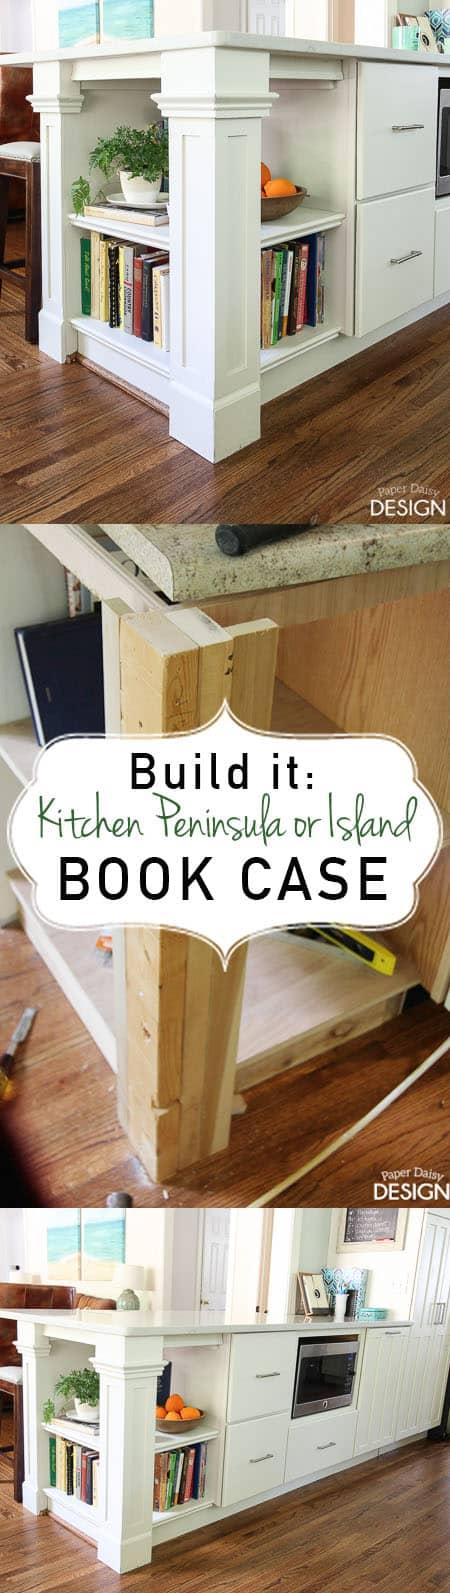 Builditbookcase